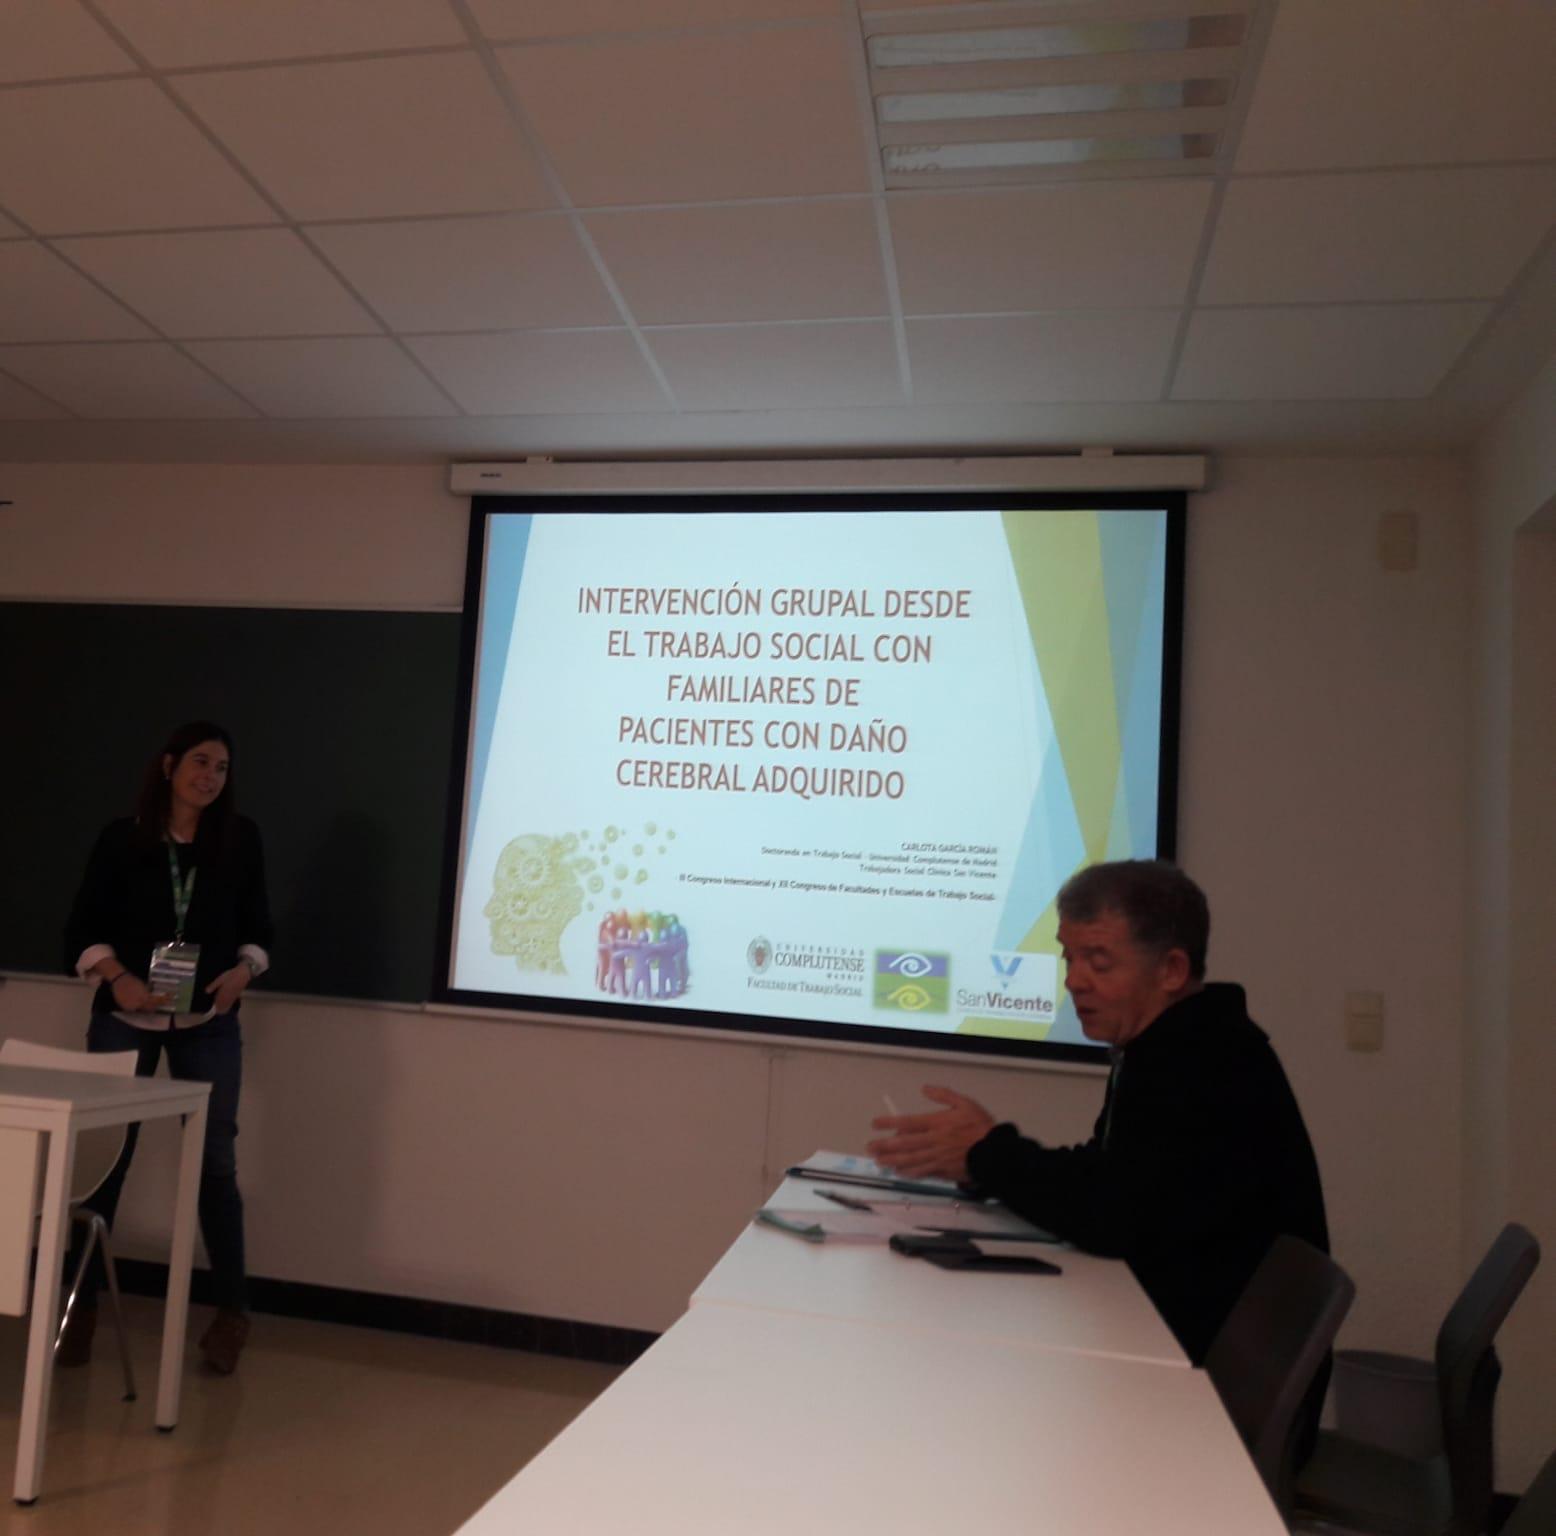 La Universidad de Deusto celebra un Congreso de trabajo social.